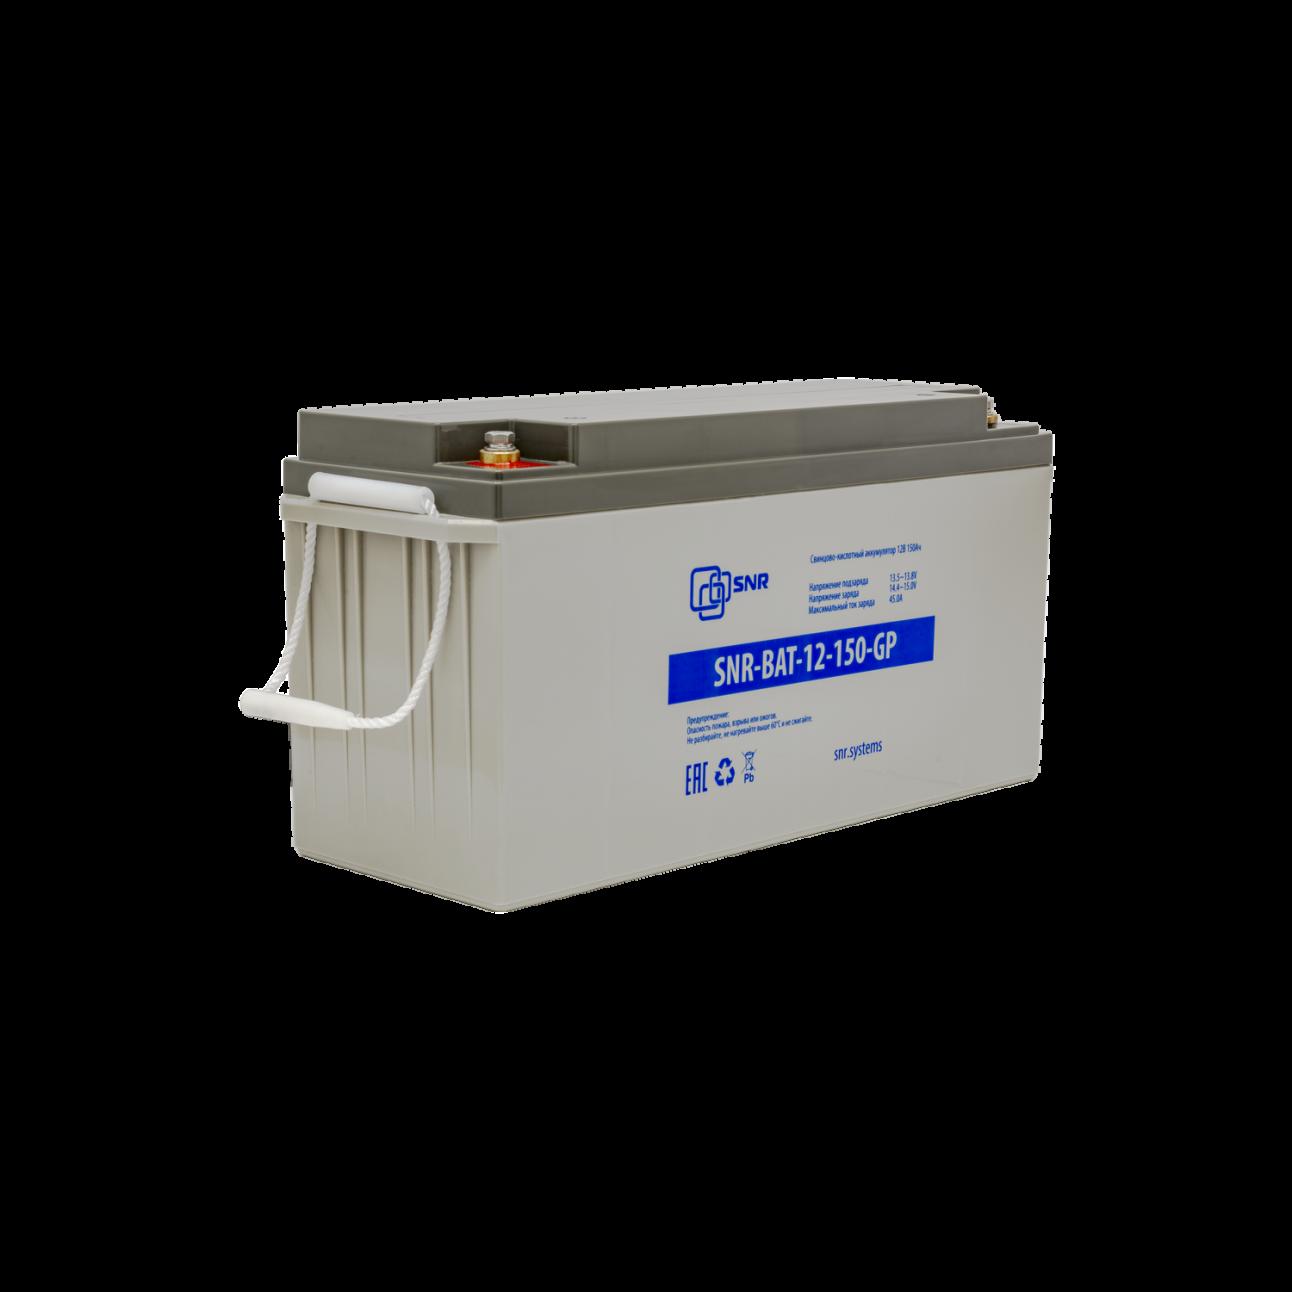 Свинцово-кислотный аккумулятор 12В 150Ач (SNR-BAT-12-150-GP)